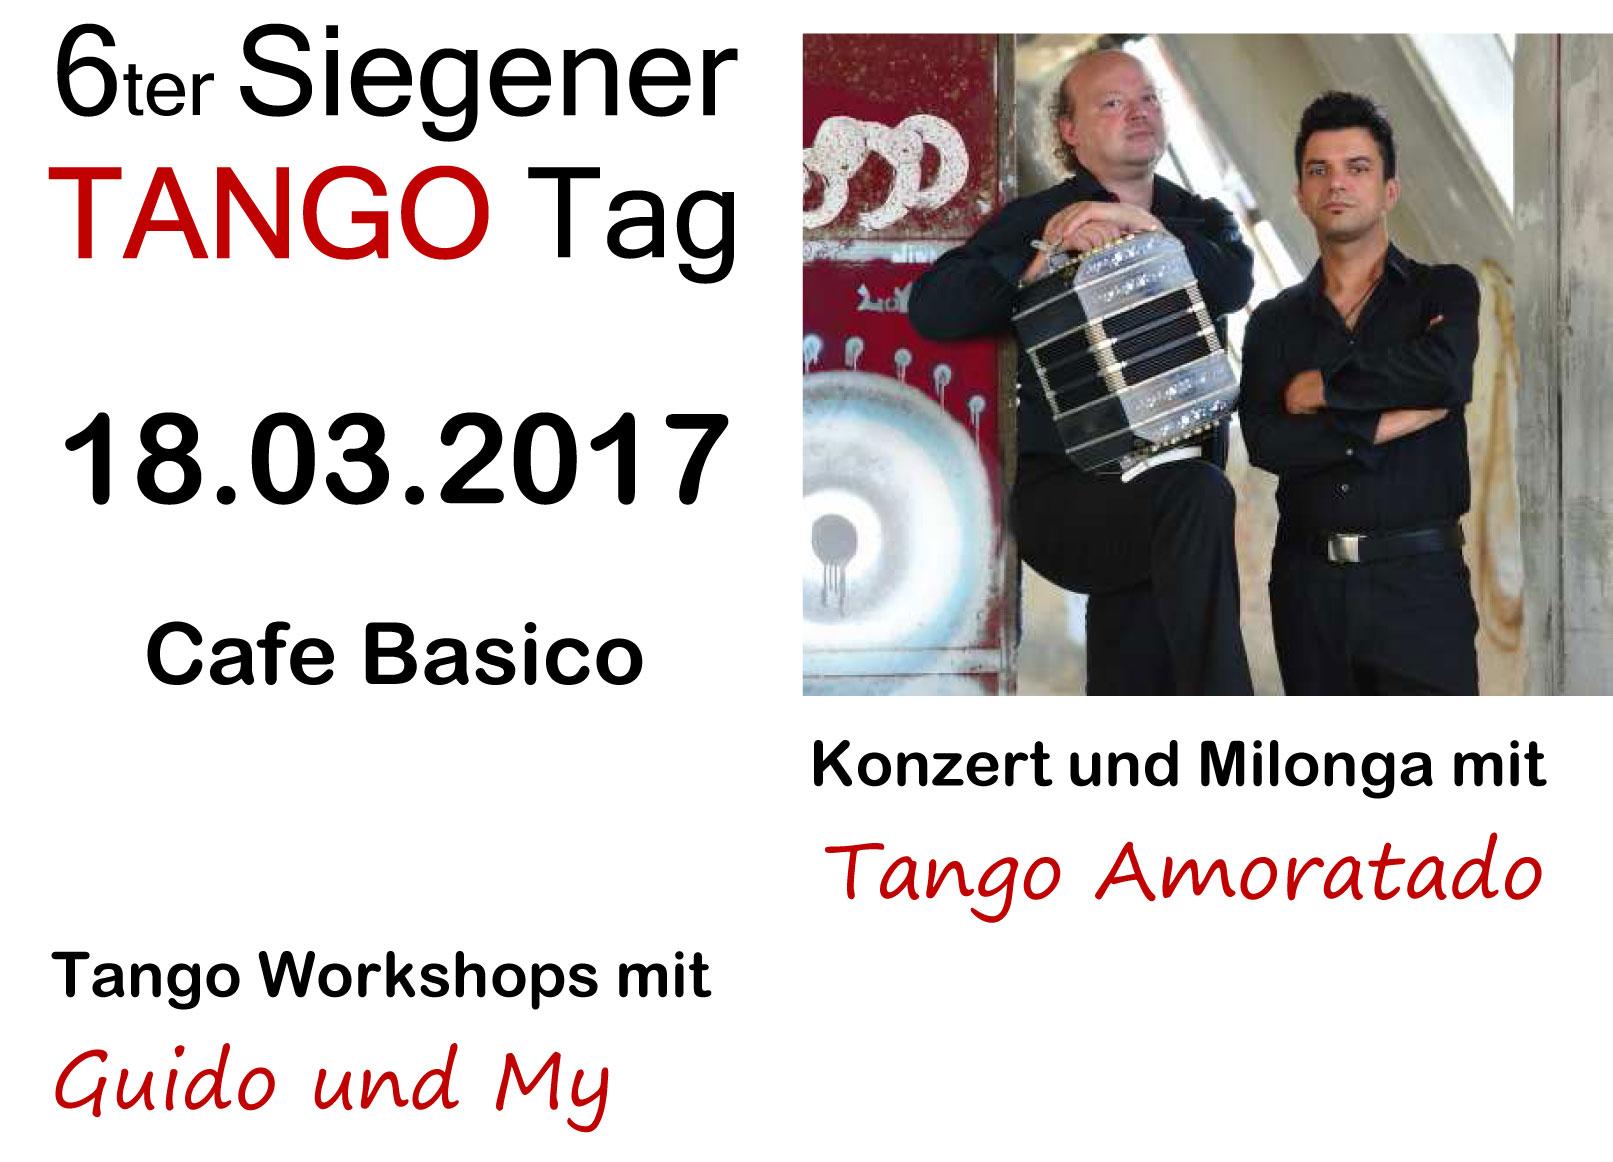 6ter Siegener Tangofestival